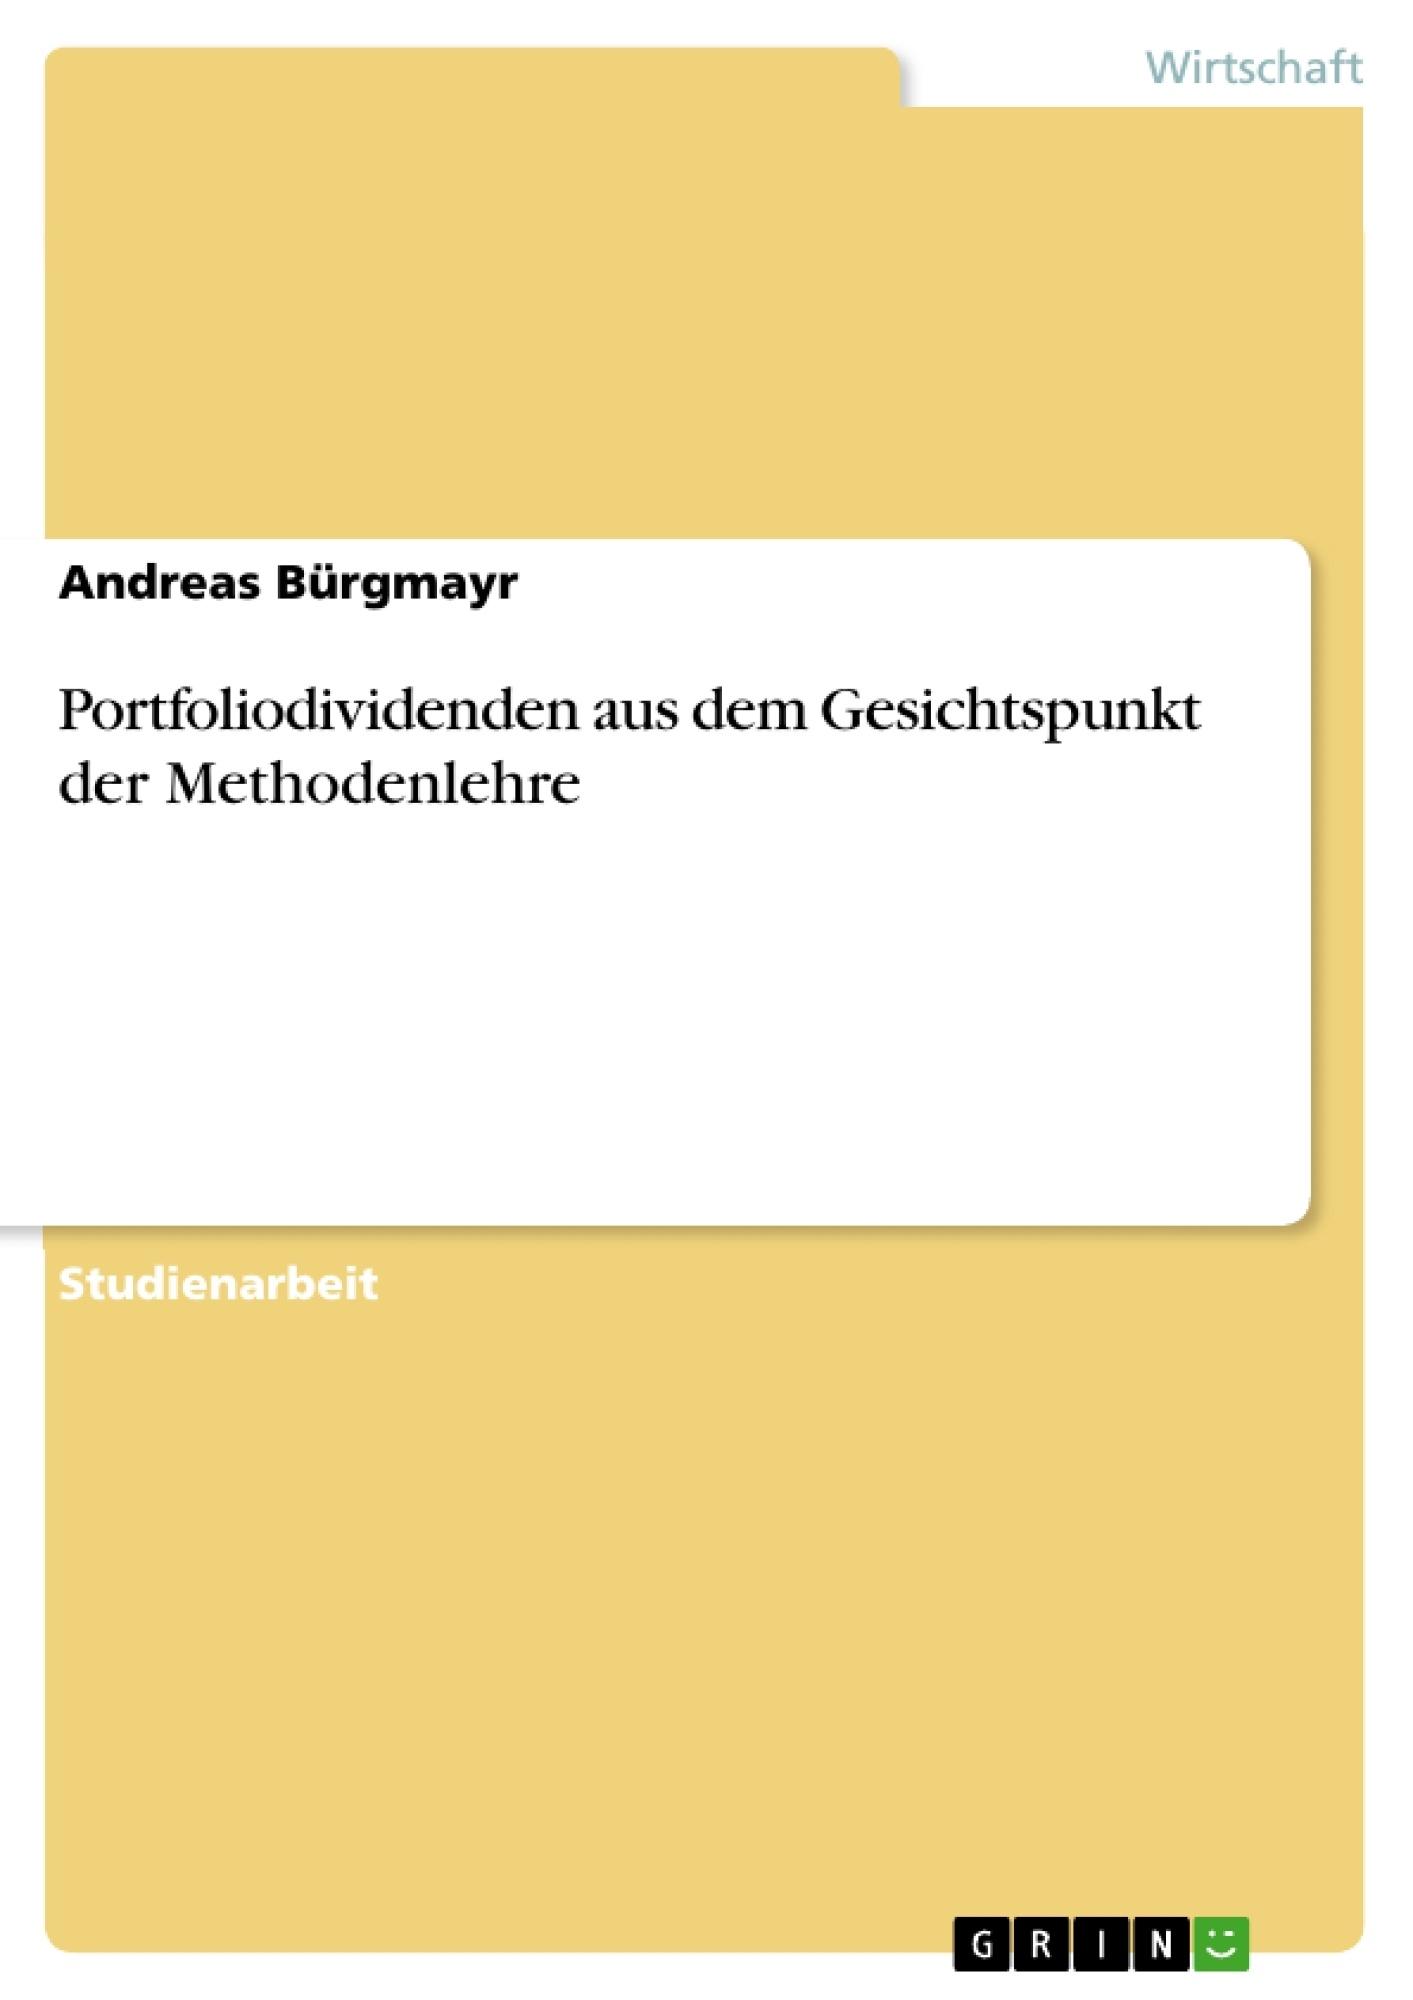 Titel: Portfoliodividenden aus dem Gesichtspunkt der Methodenlehre